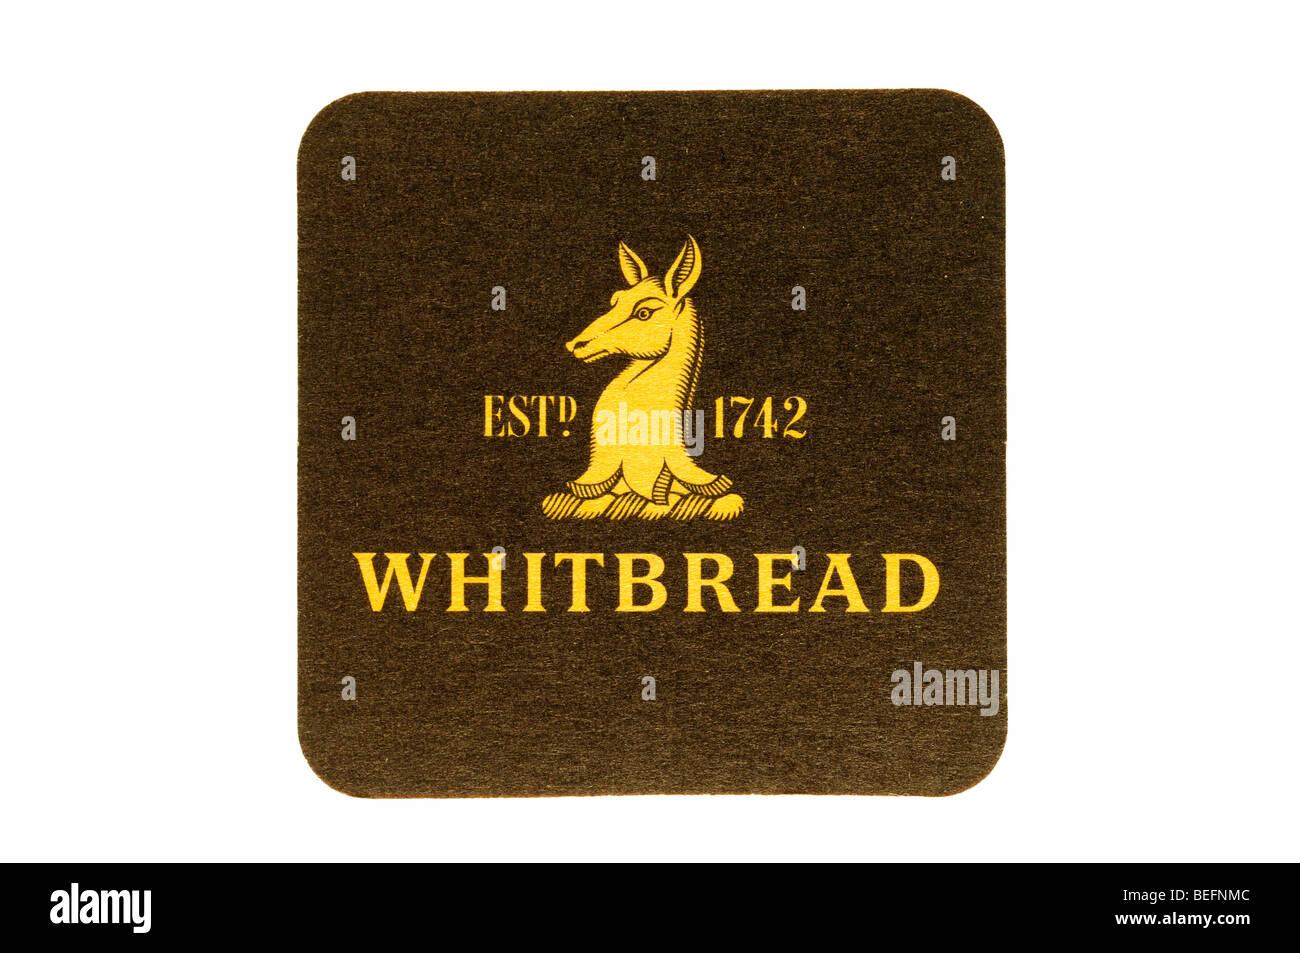 est 1742 whitbread - Stock Image